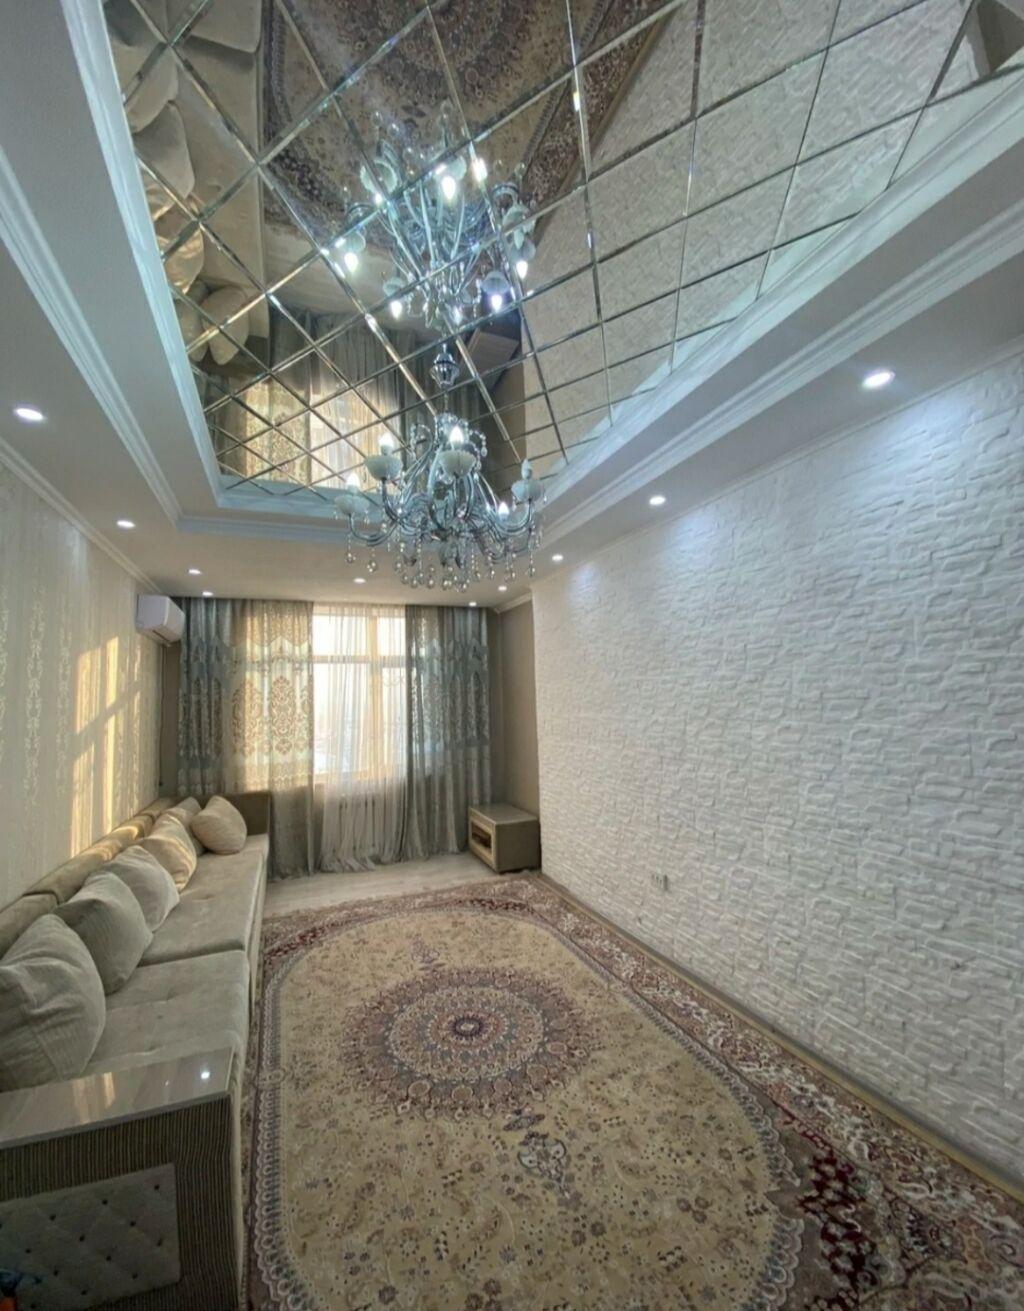 Продается квартира: 2 комнаты, 62 кв. м: Продается квартира: 2 комнаты, 62 кв. м